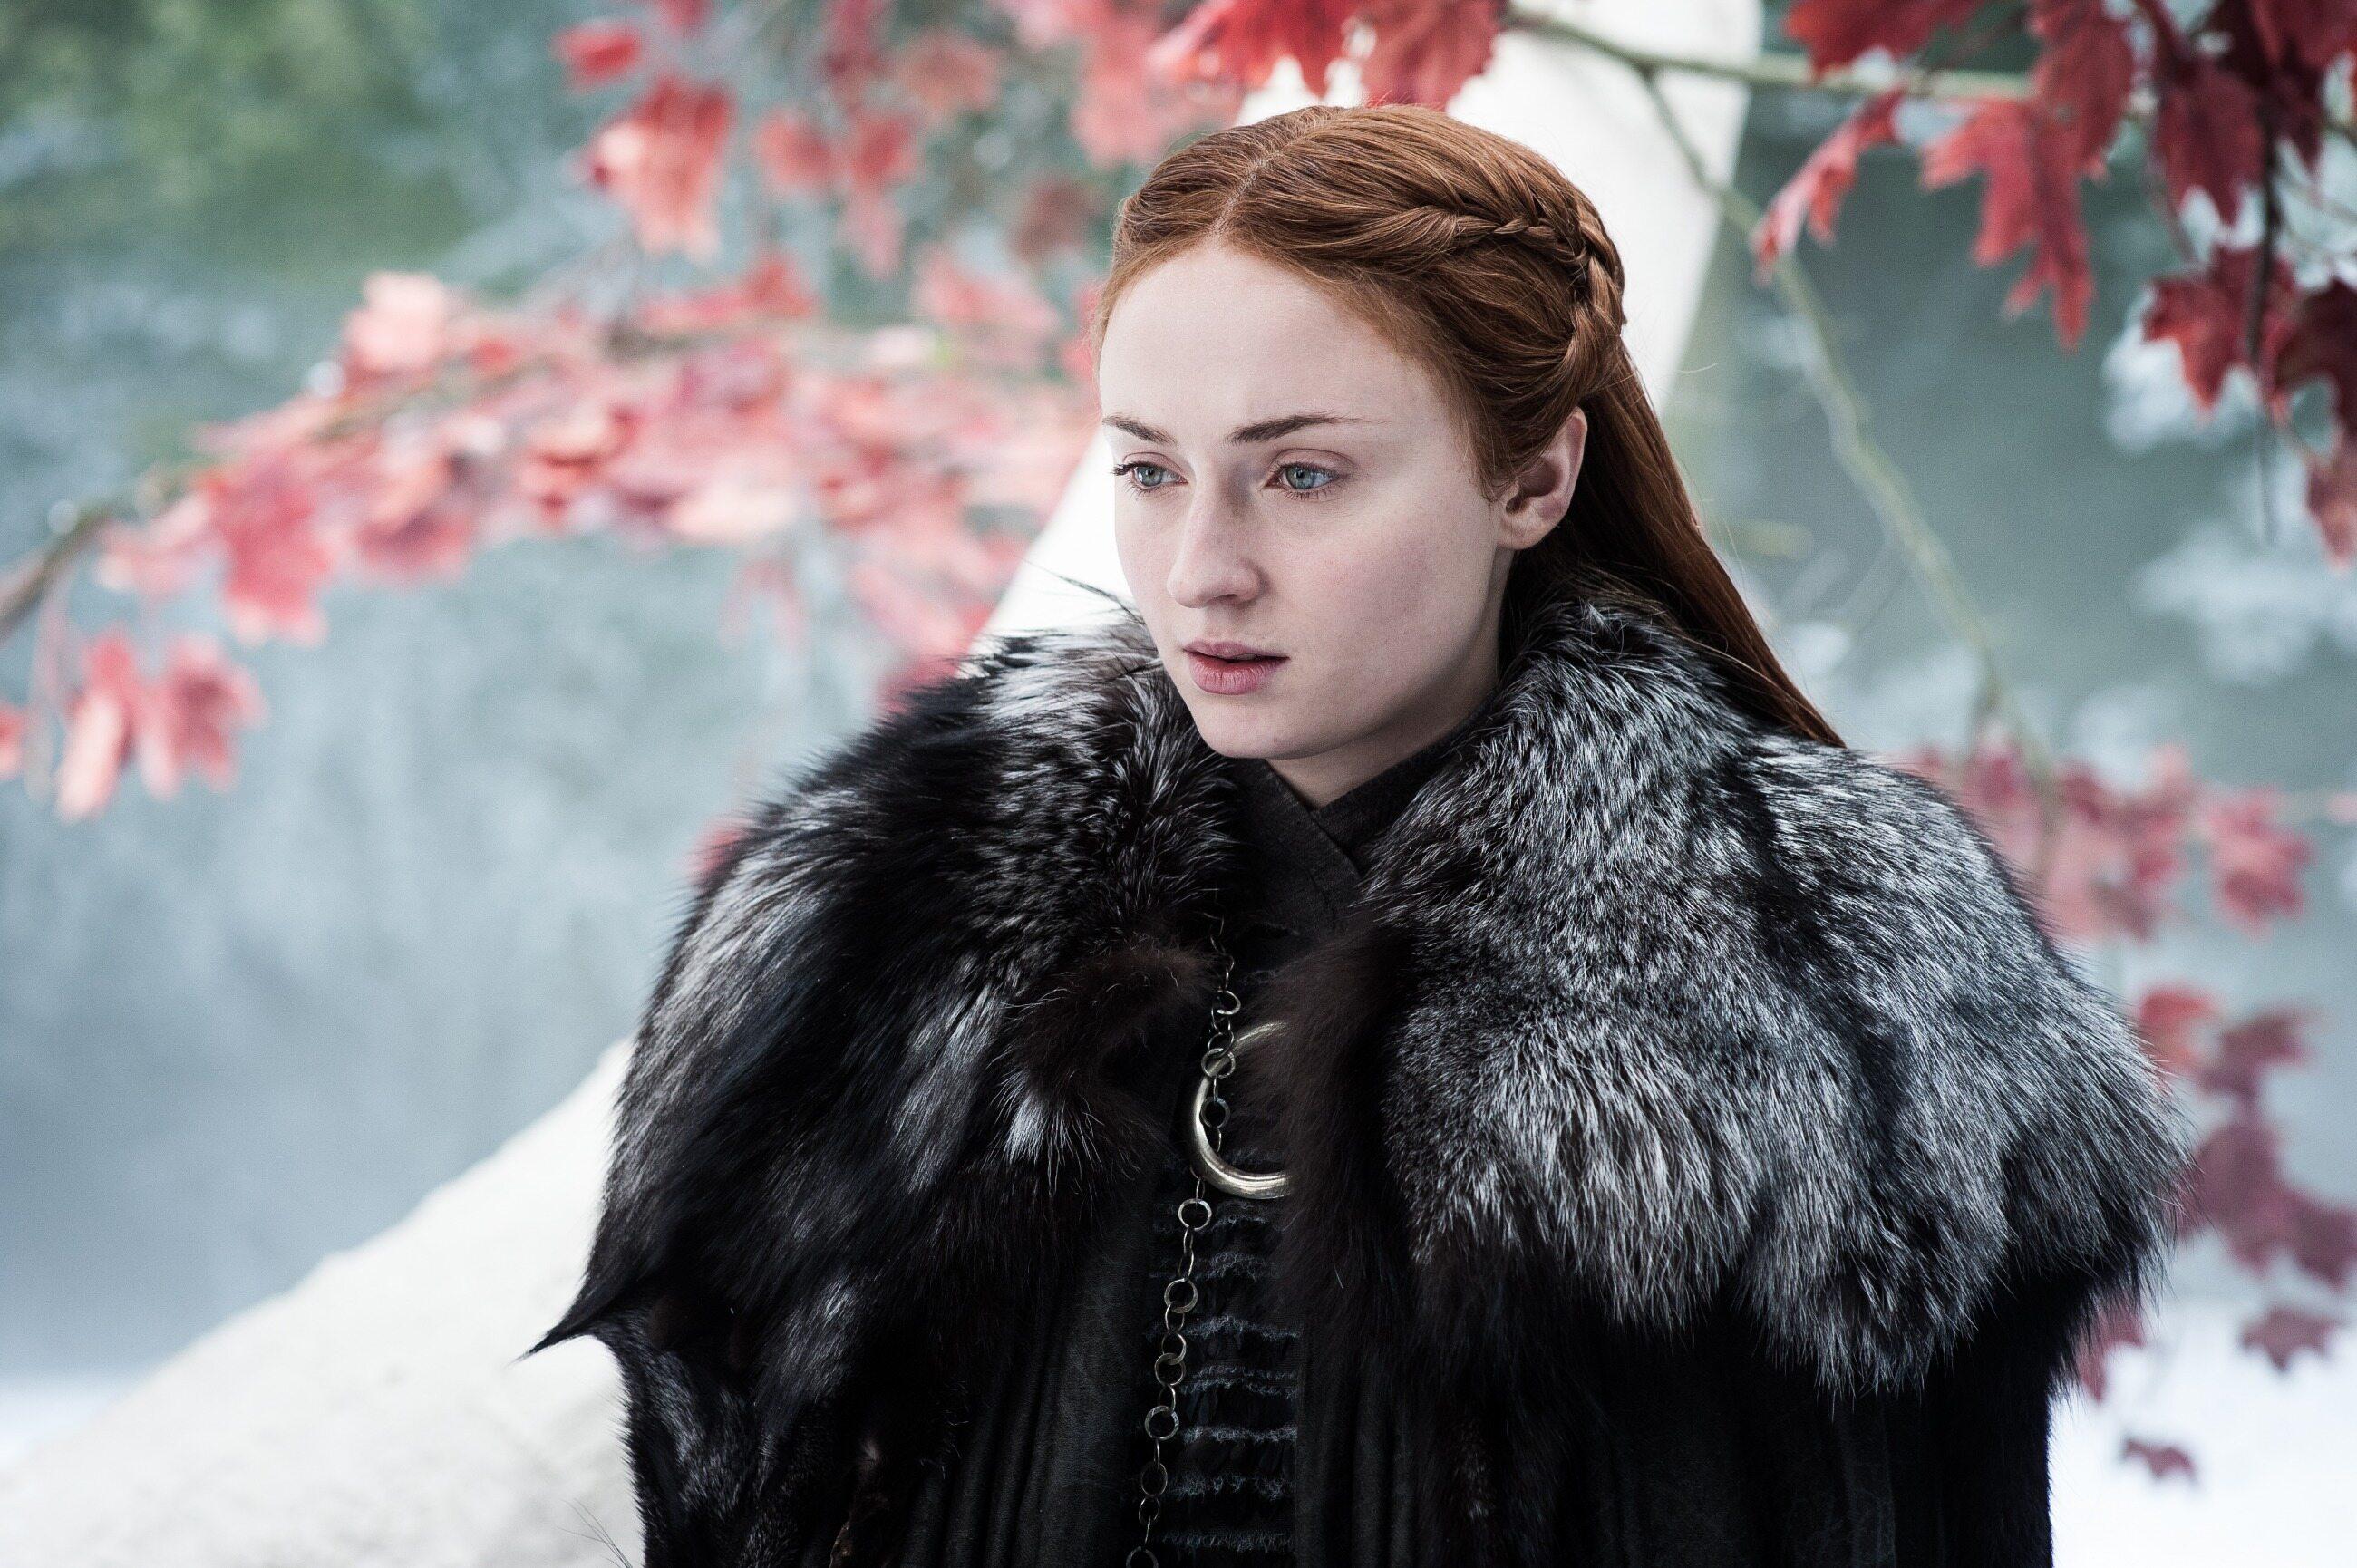 """""""Kiedy spadnie śnieg i nadejdzie mroźny wicher, samotny wilk padnie, lecz wataha przetrwa"""" to słowa:"""